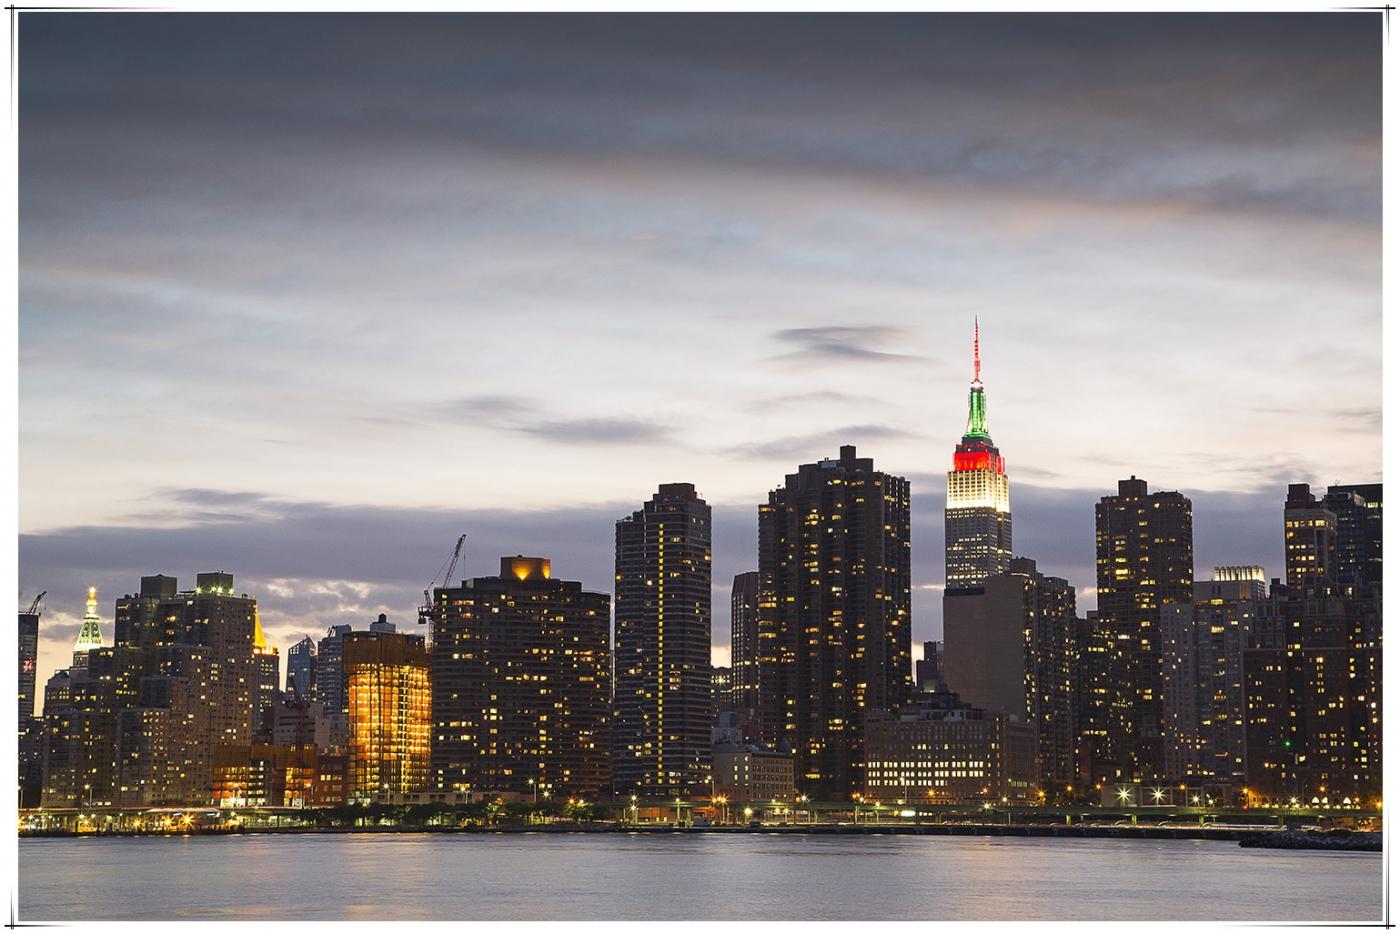 帝国大厦放彩灯庆祝第二十五届纽约香港龙舟节_图1-2